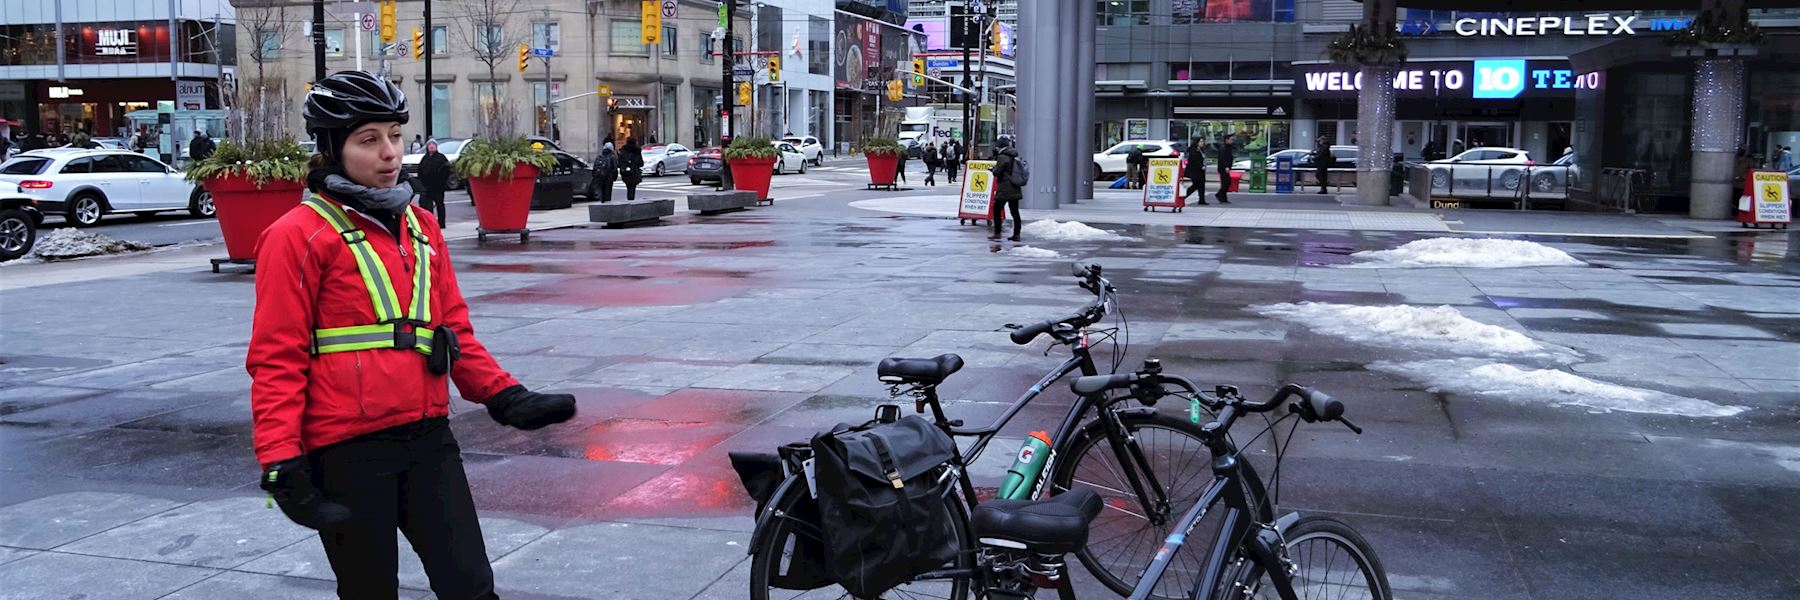 Downtown Toronto winter bicycle tour